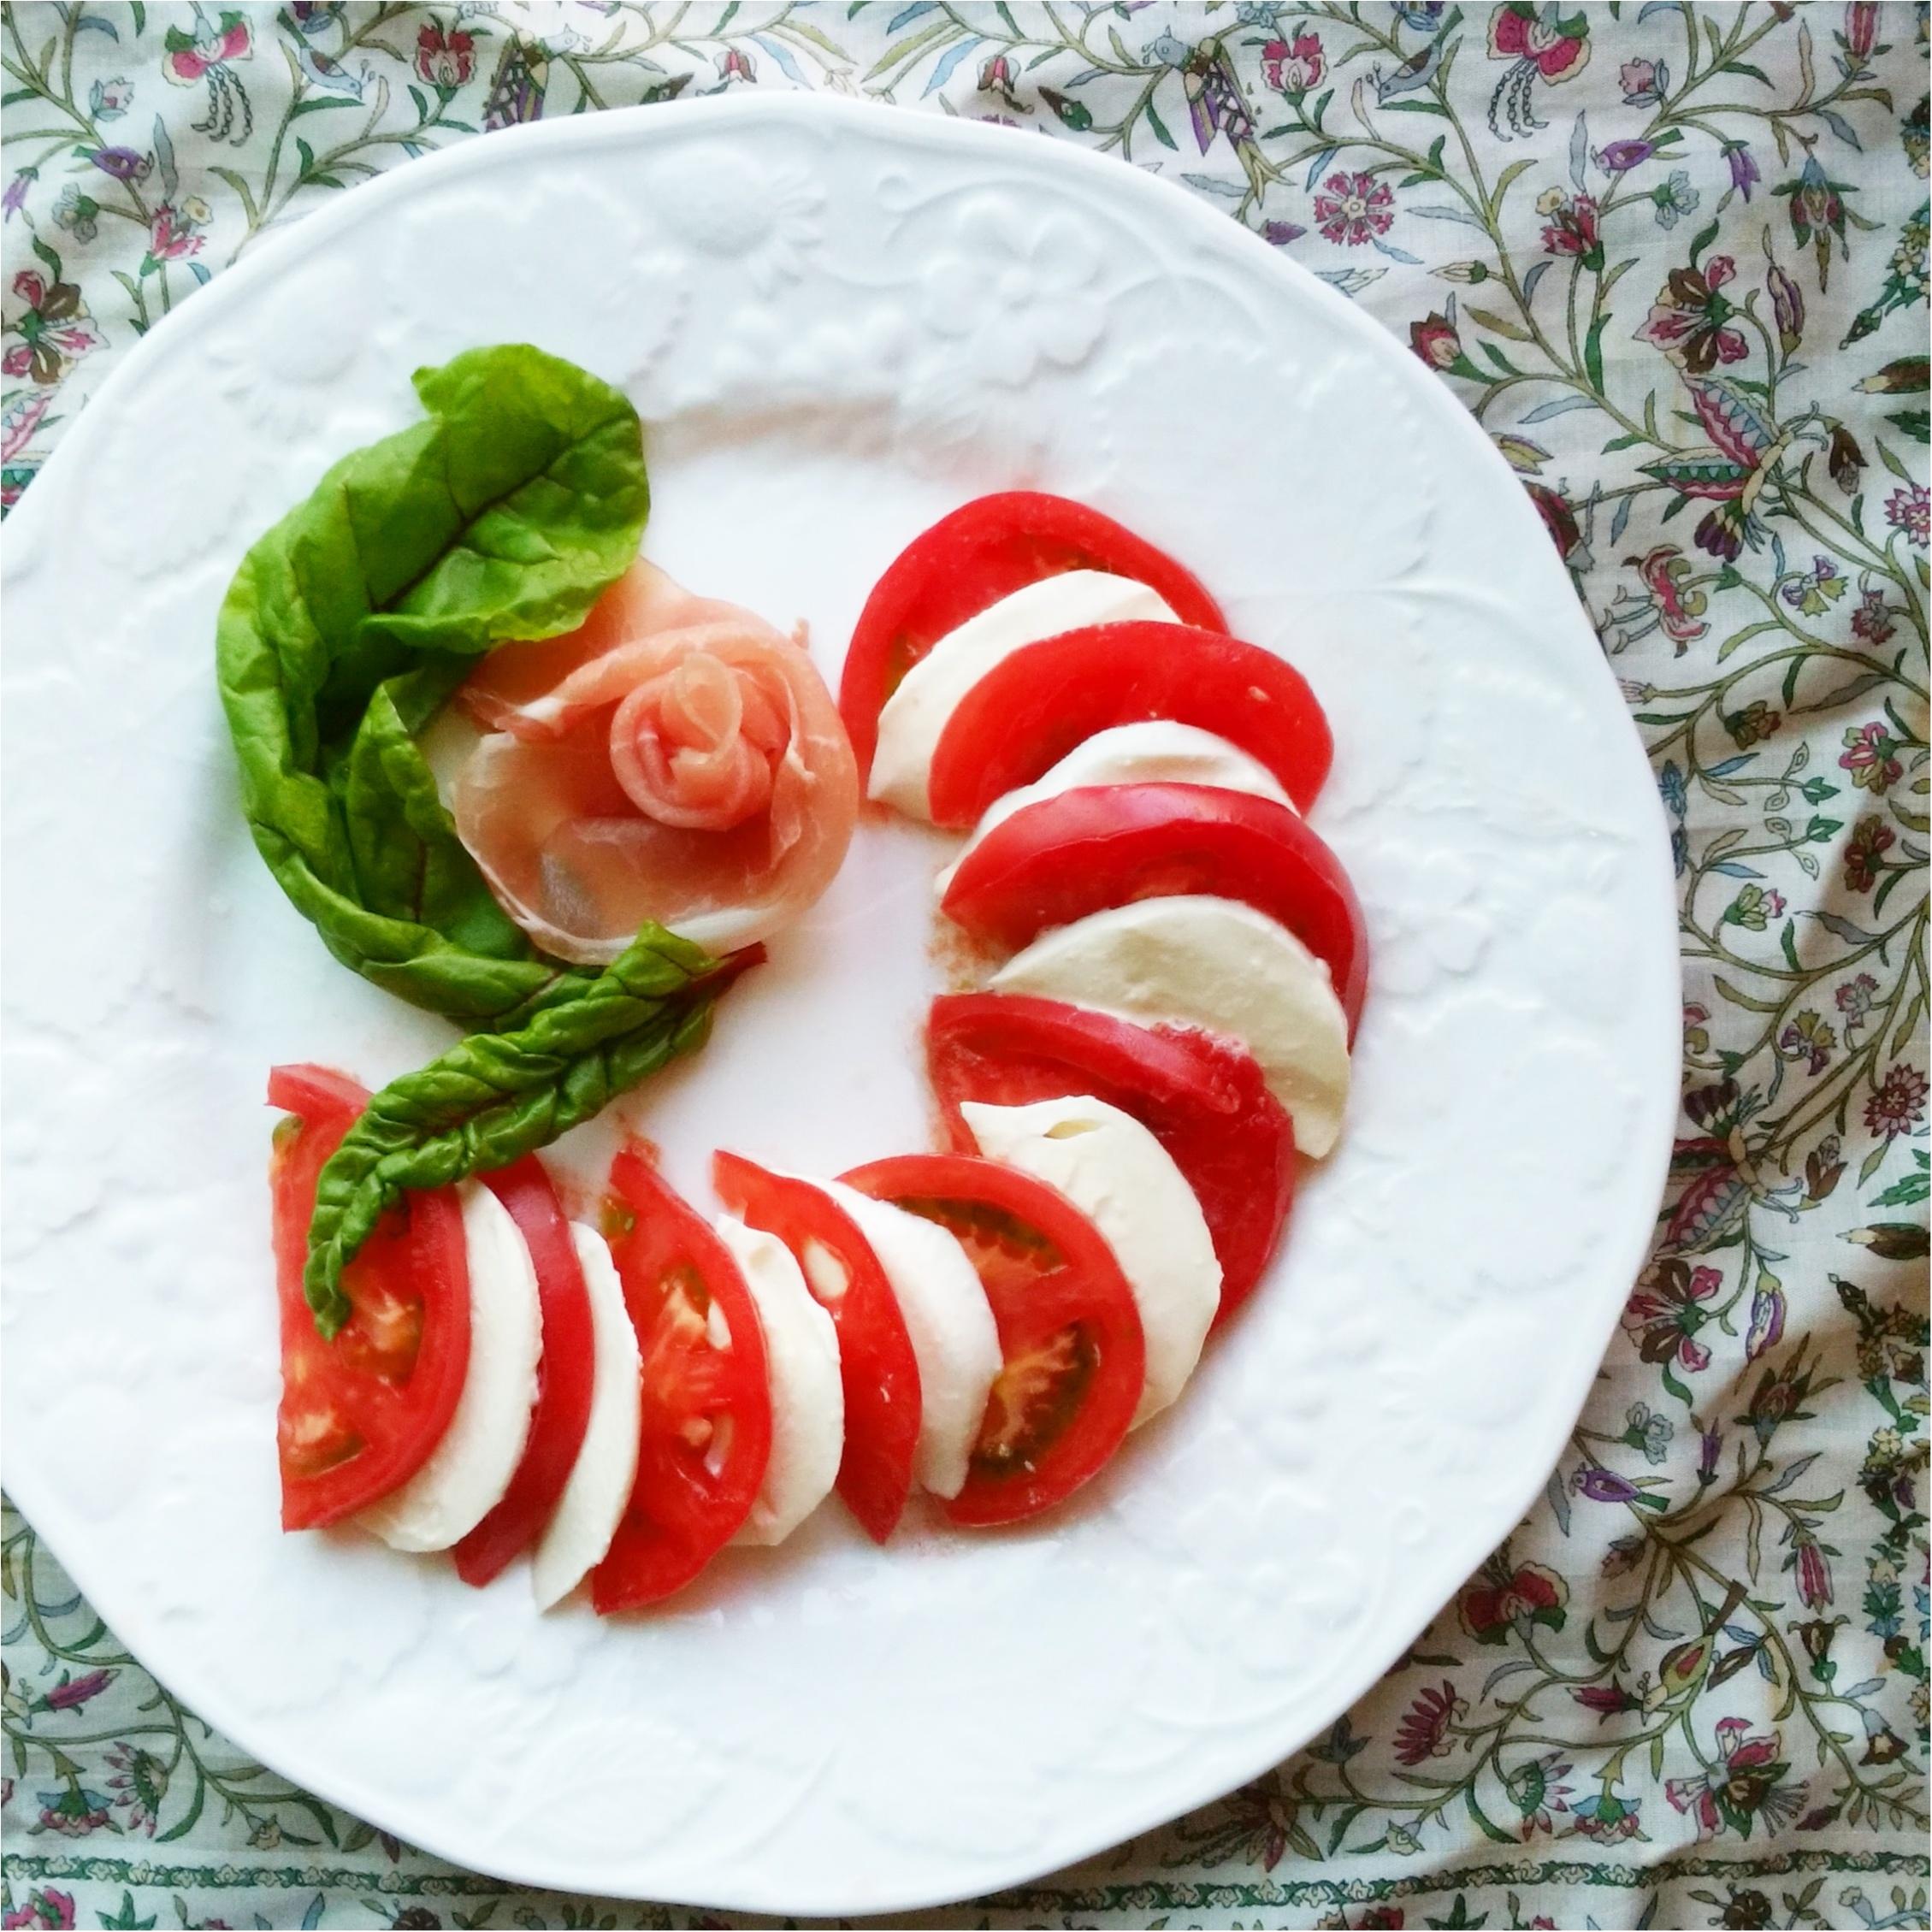 【日本一】の日照量と天然水で育ったヨダファームのトマトが新鮮・安全・美味しい!_1